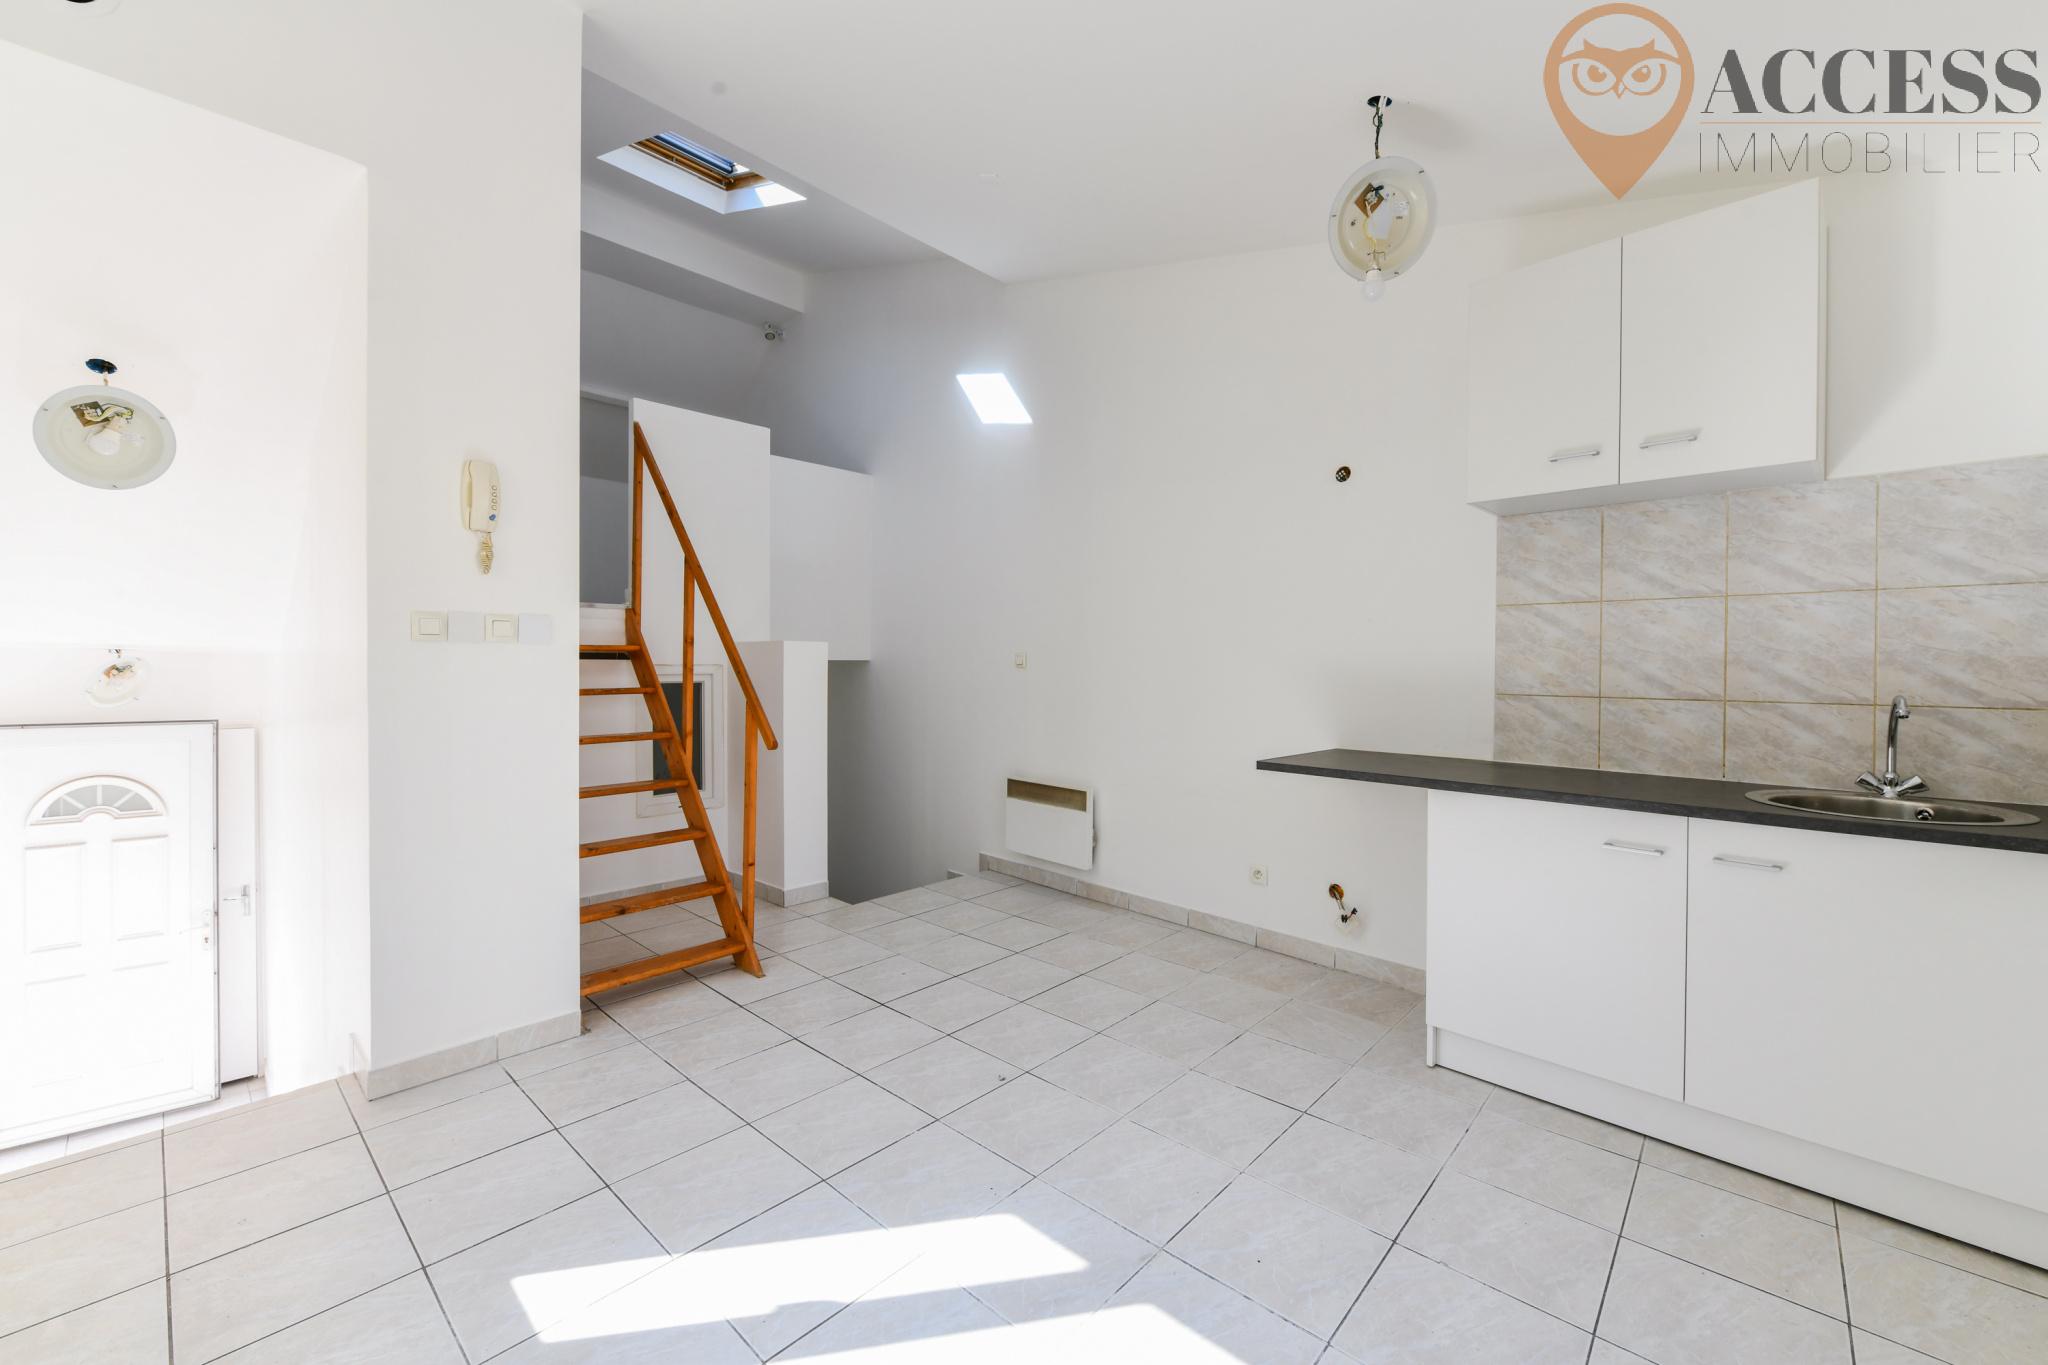 vente saint brice sous foret maison de ville type f2. Black Bedroom Furniture Sets. Home Design Ideas